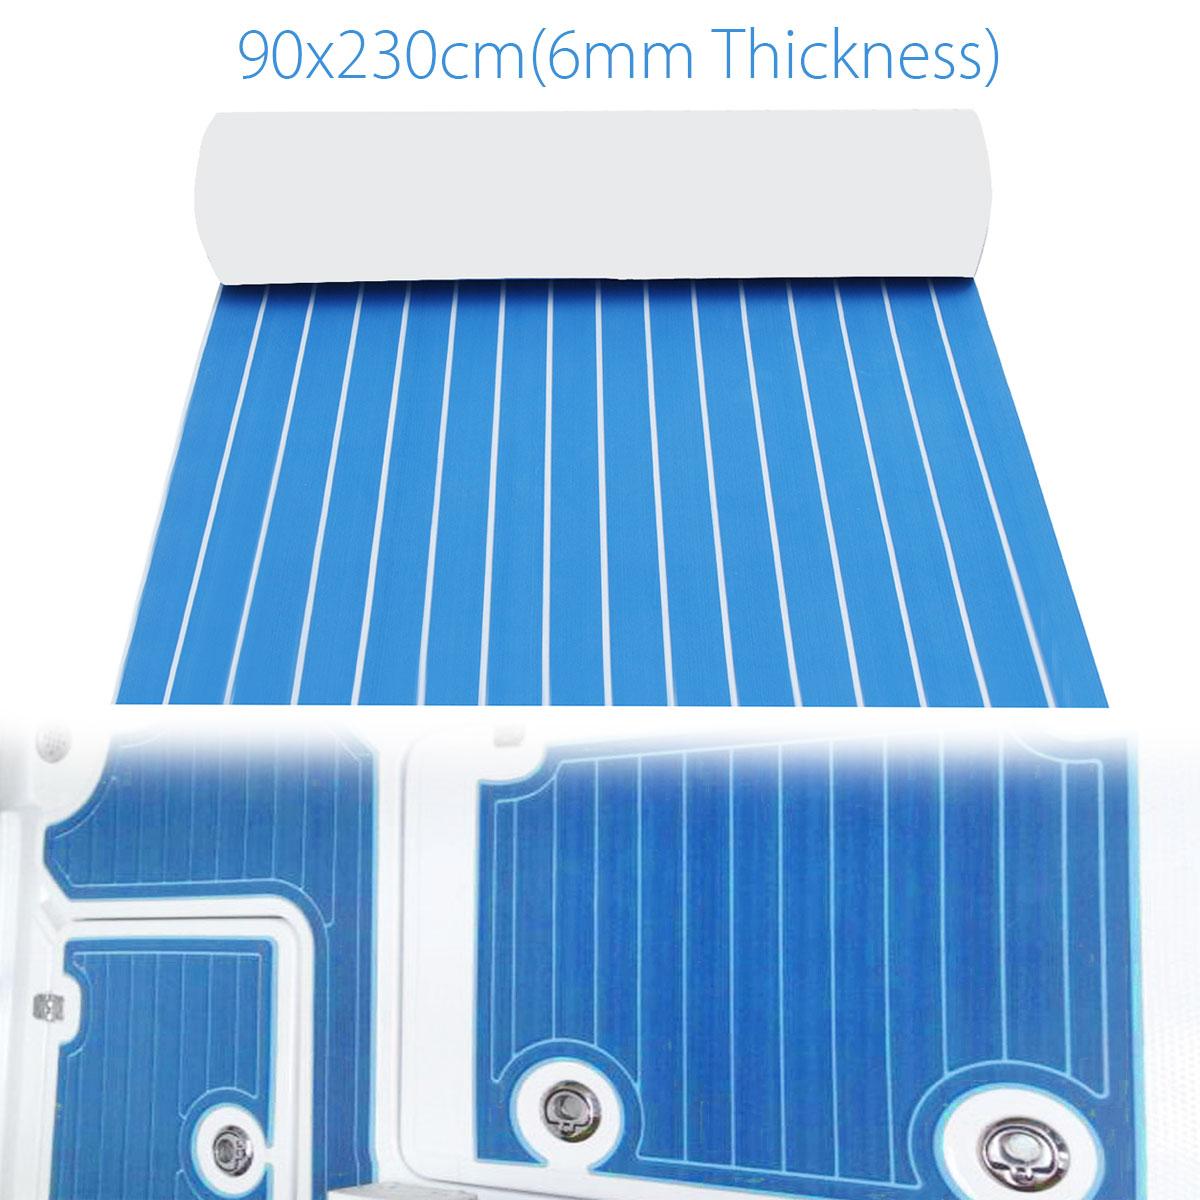 90x230 cm Autoadesiva EVA Schiuma Sintetica Foglio Barca RV Yacht Pavimentazione Decking Veicolo Ricreazionale Pavimento In Teak Sticker